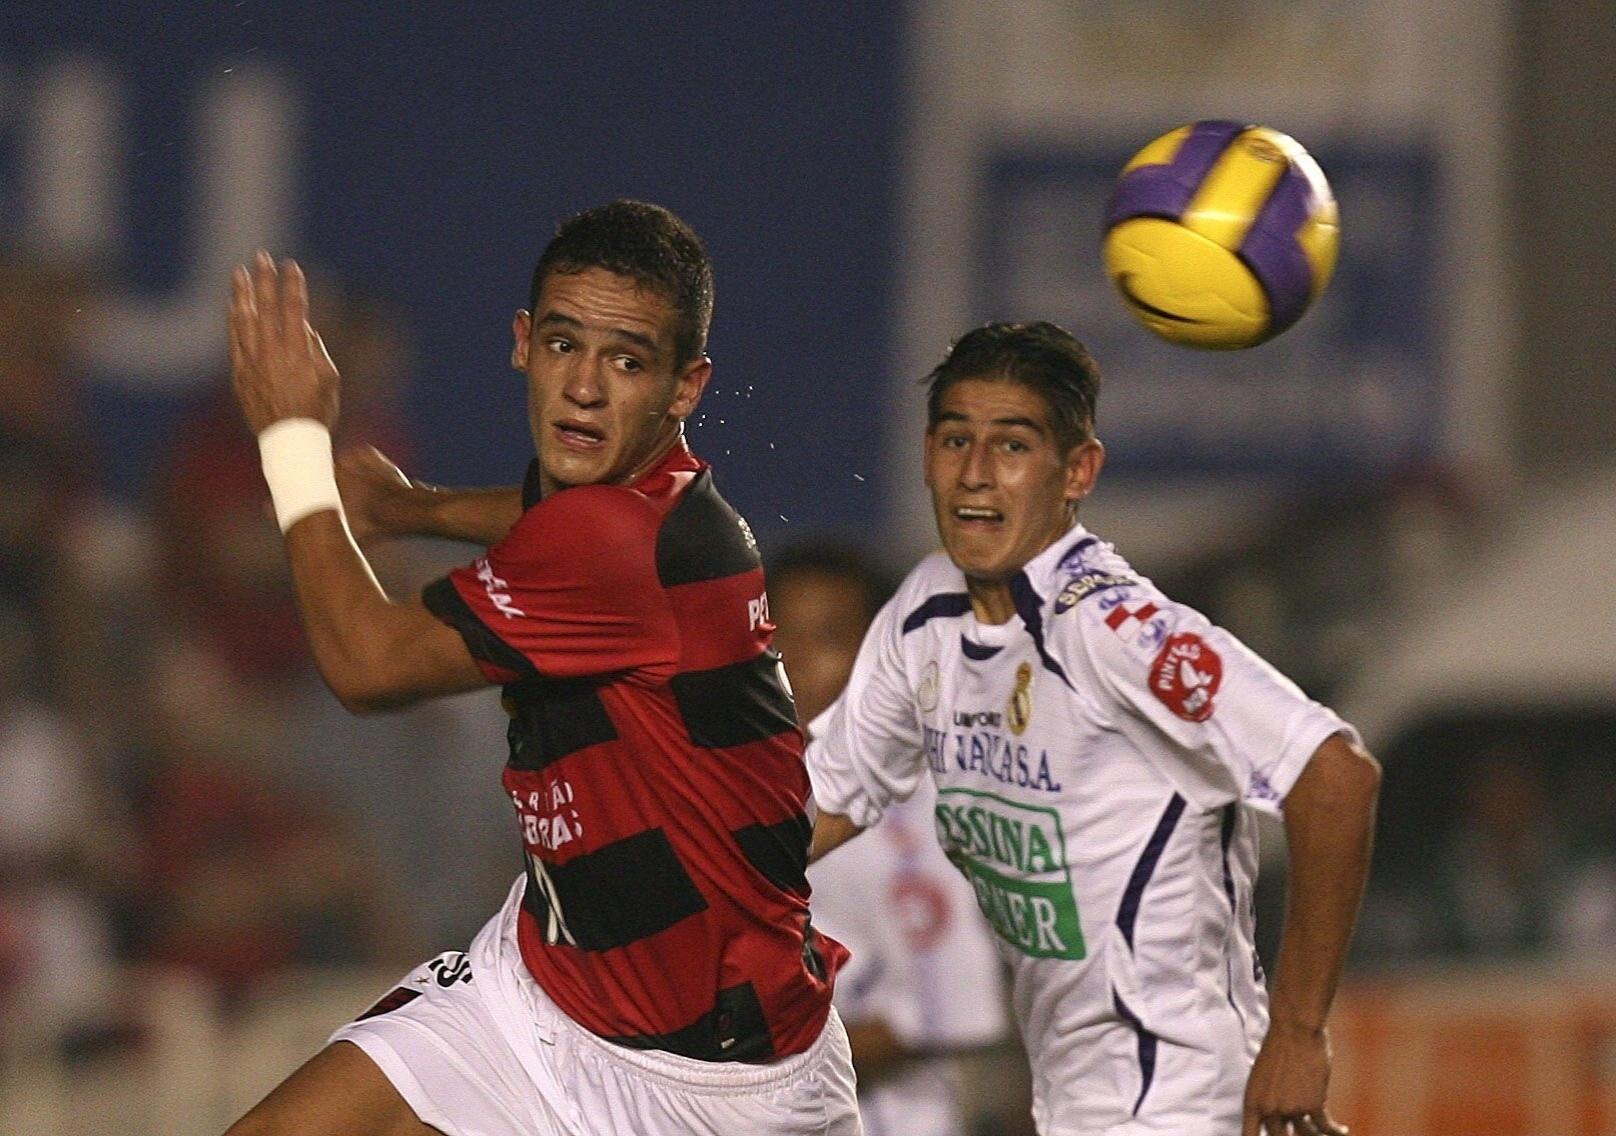 EXCLUSIVO: Renato Augusto revela que nova diretoria não quis seu retorno ao clube